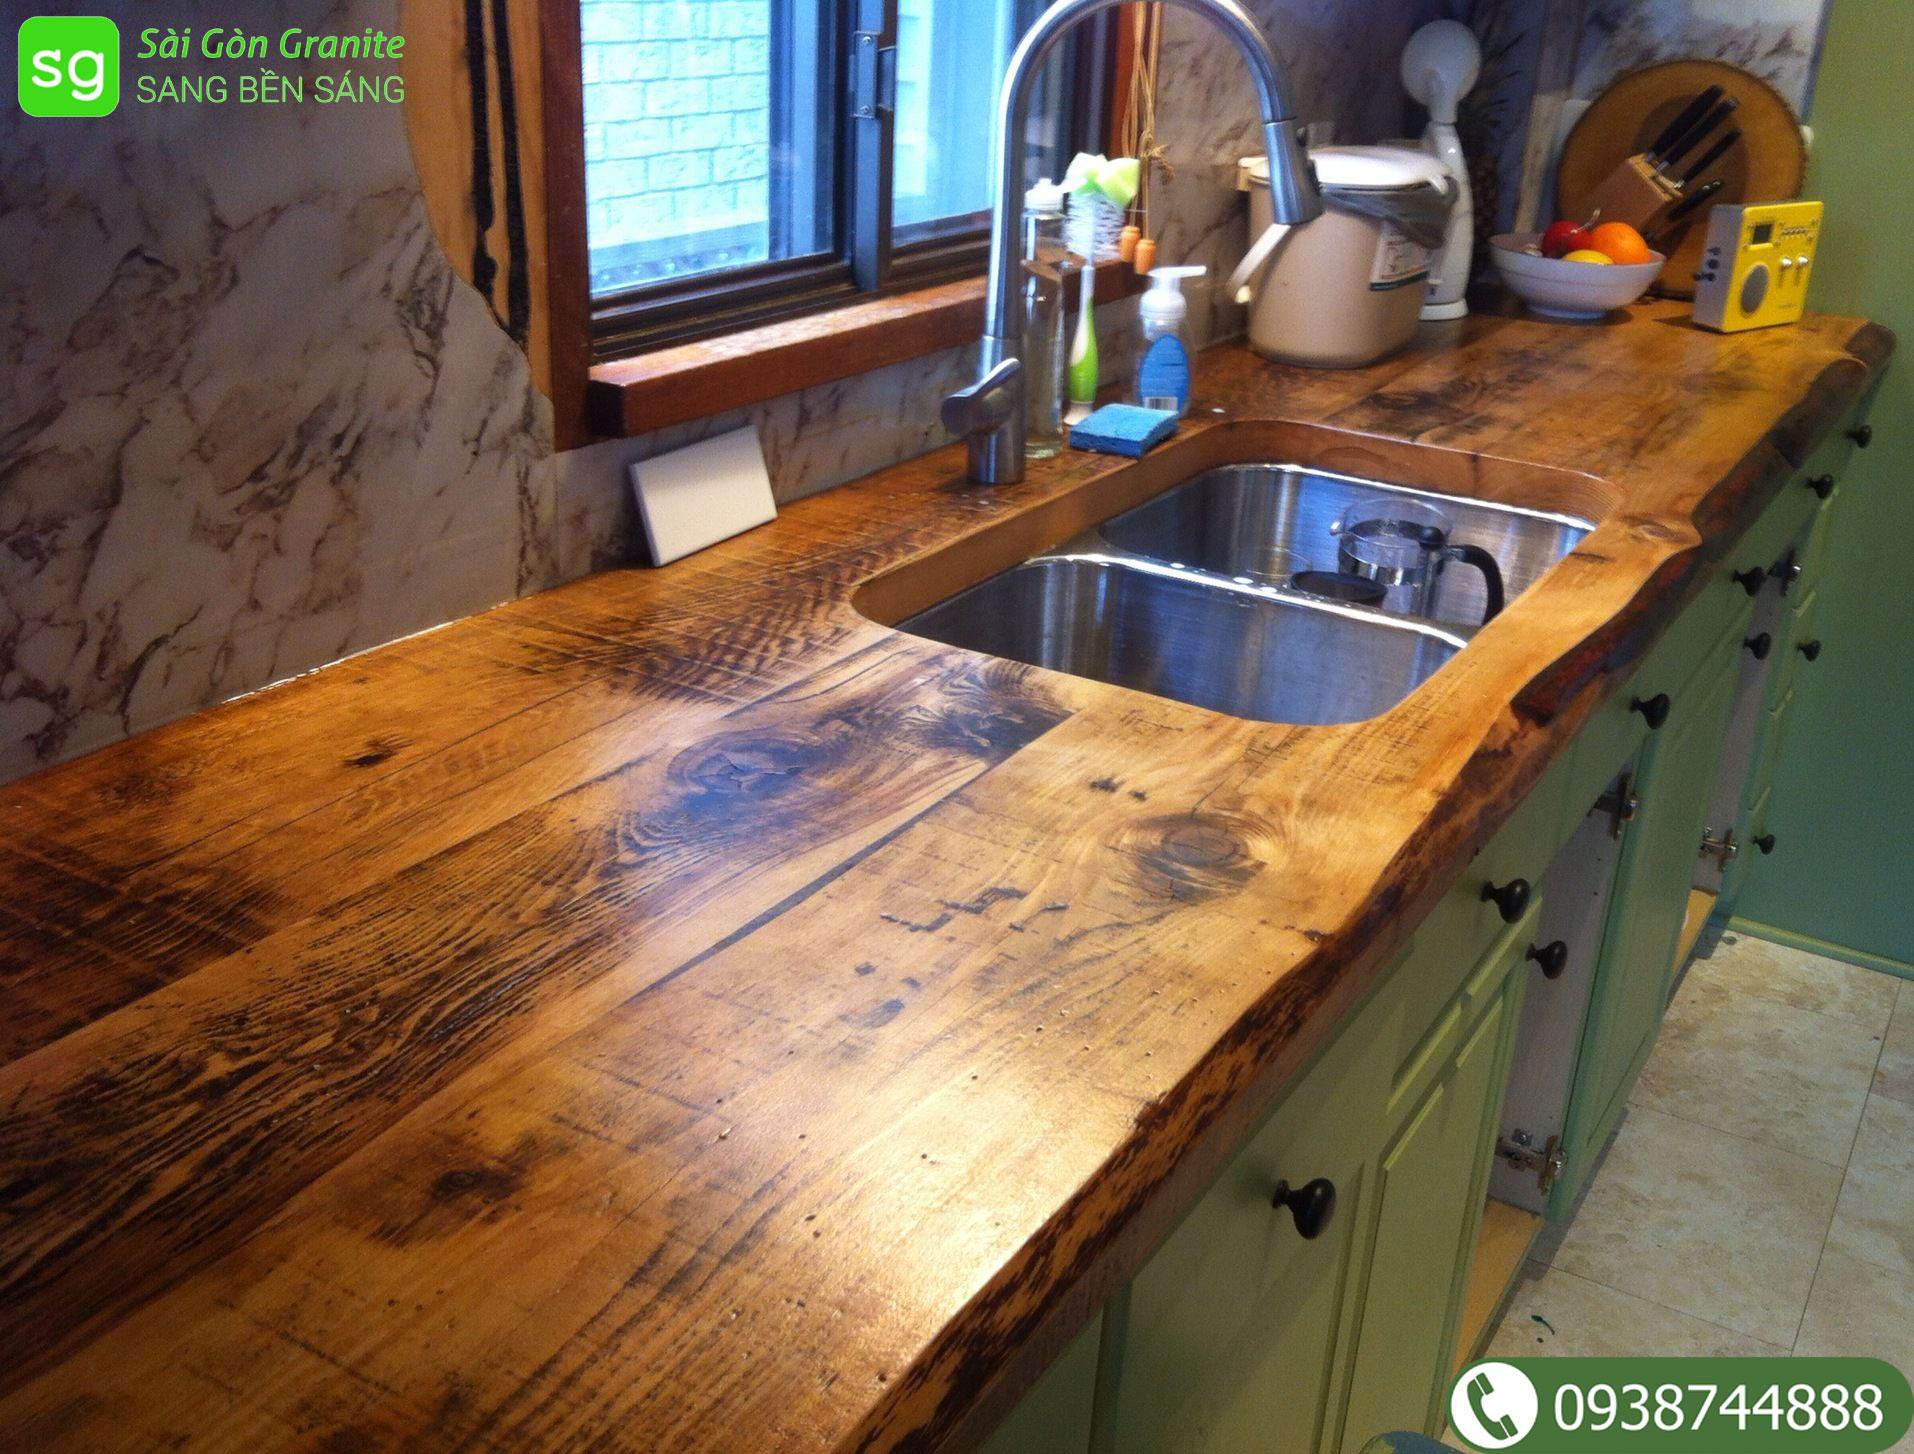 Mặt bàn bếp bằng gỗ